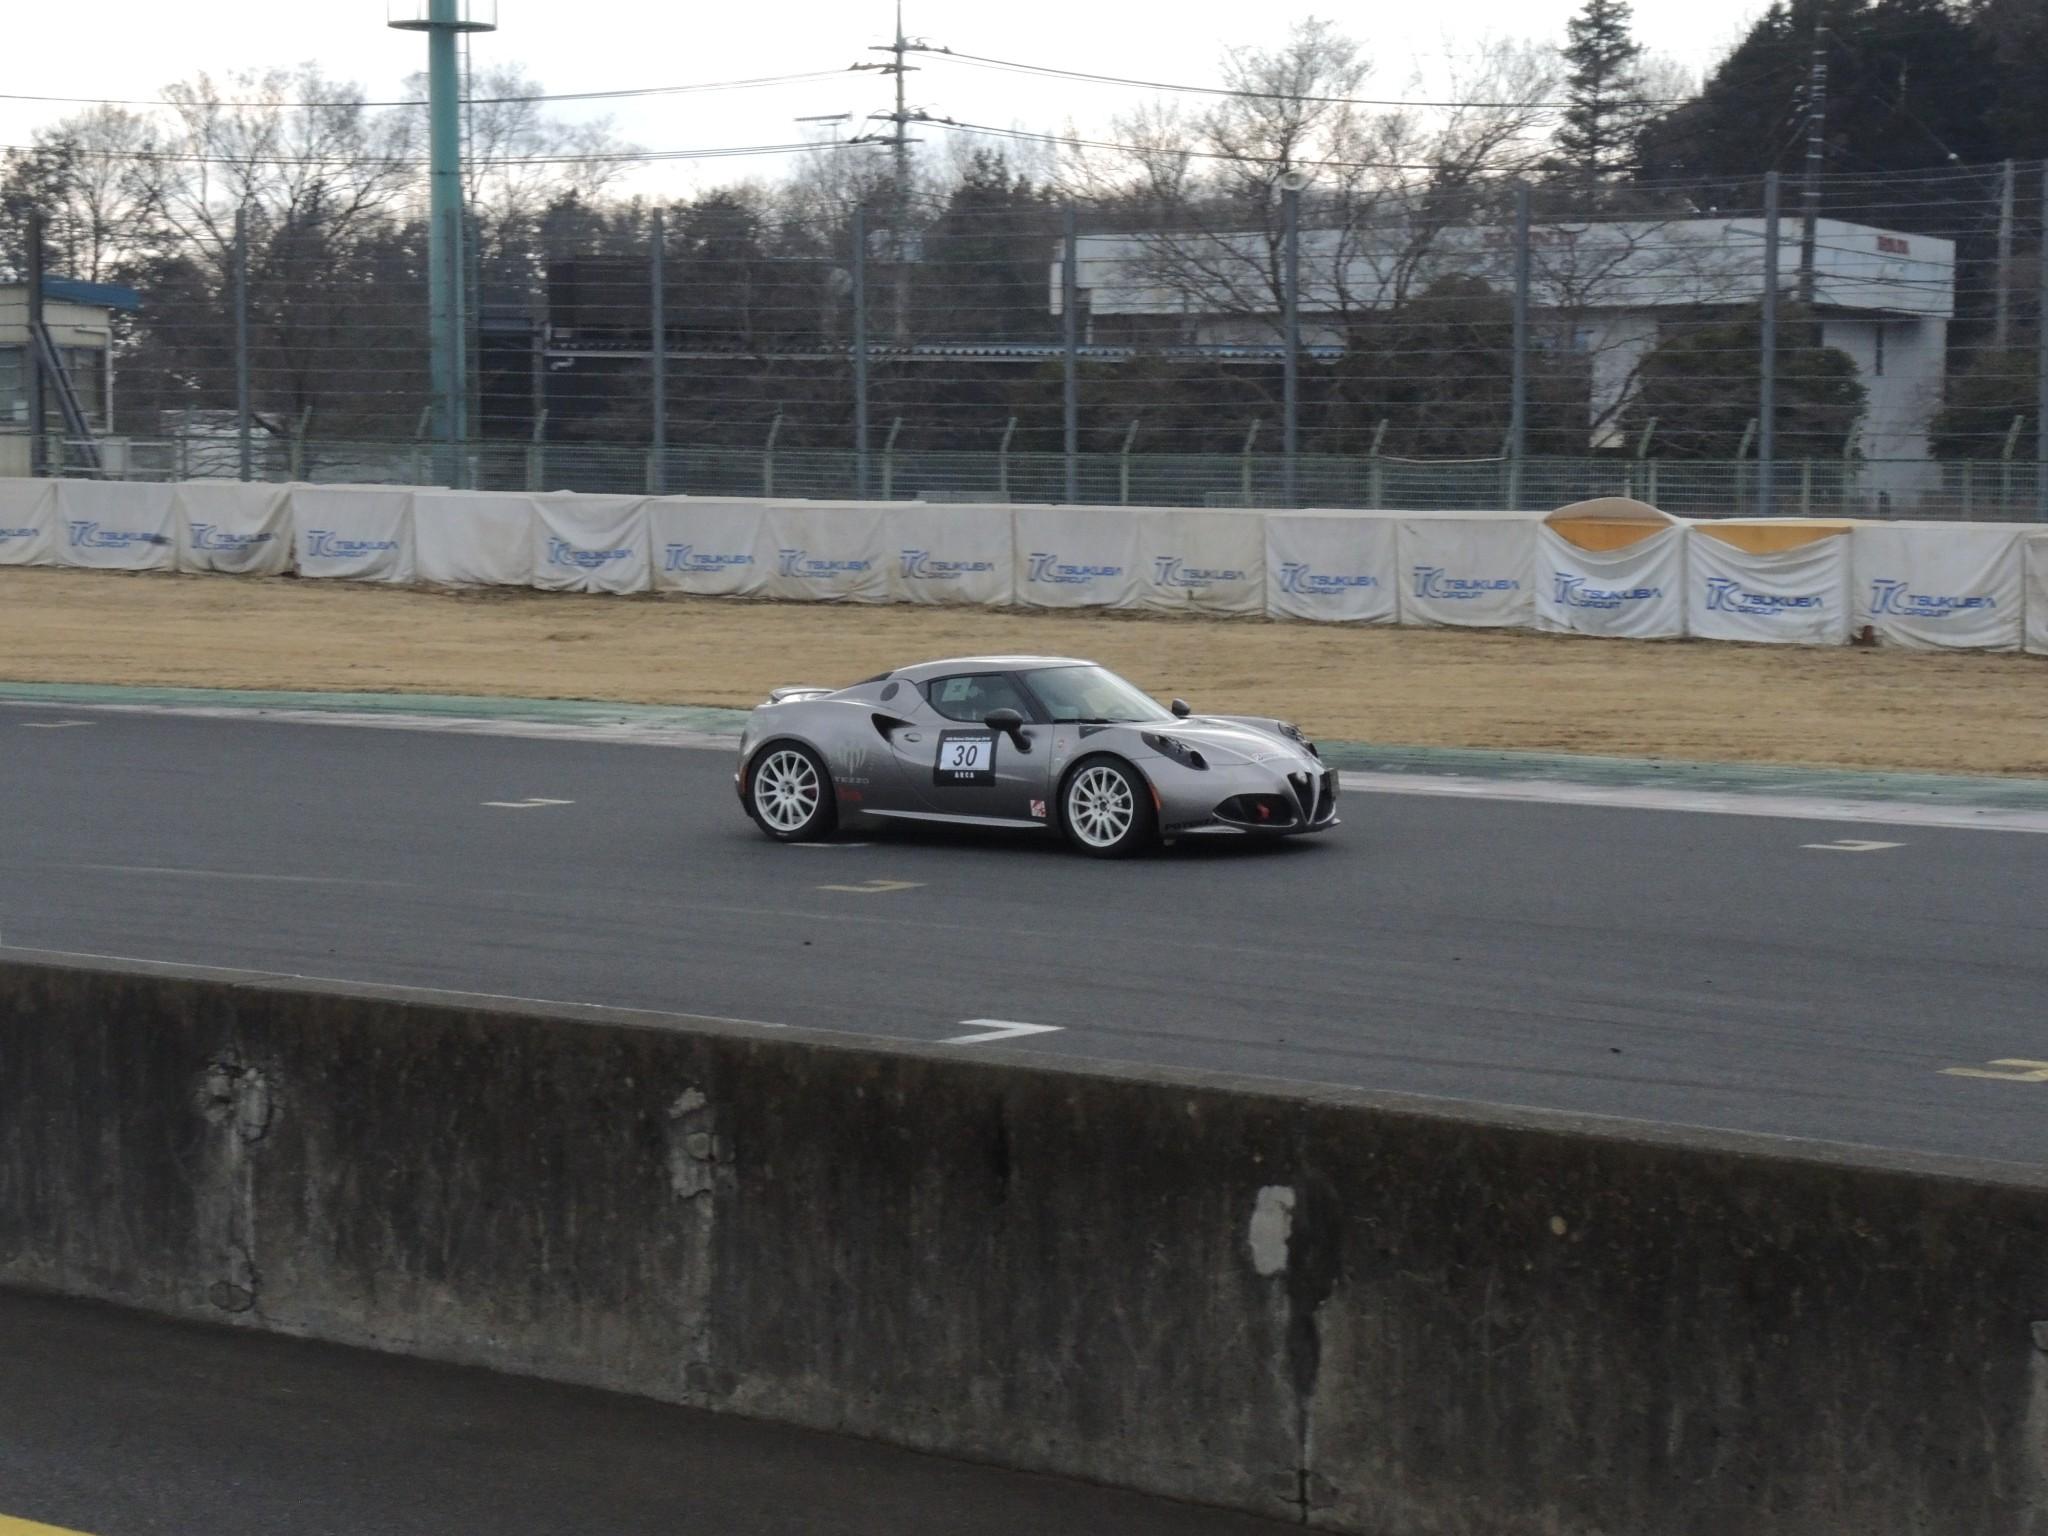 211(日)アルファロメオチャレンジ レースに参戦しました! (7)